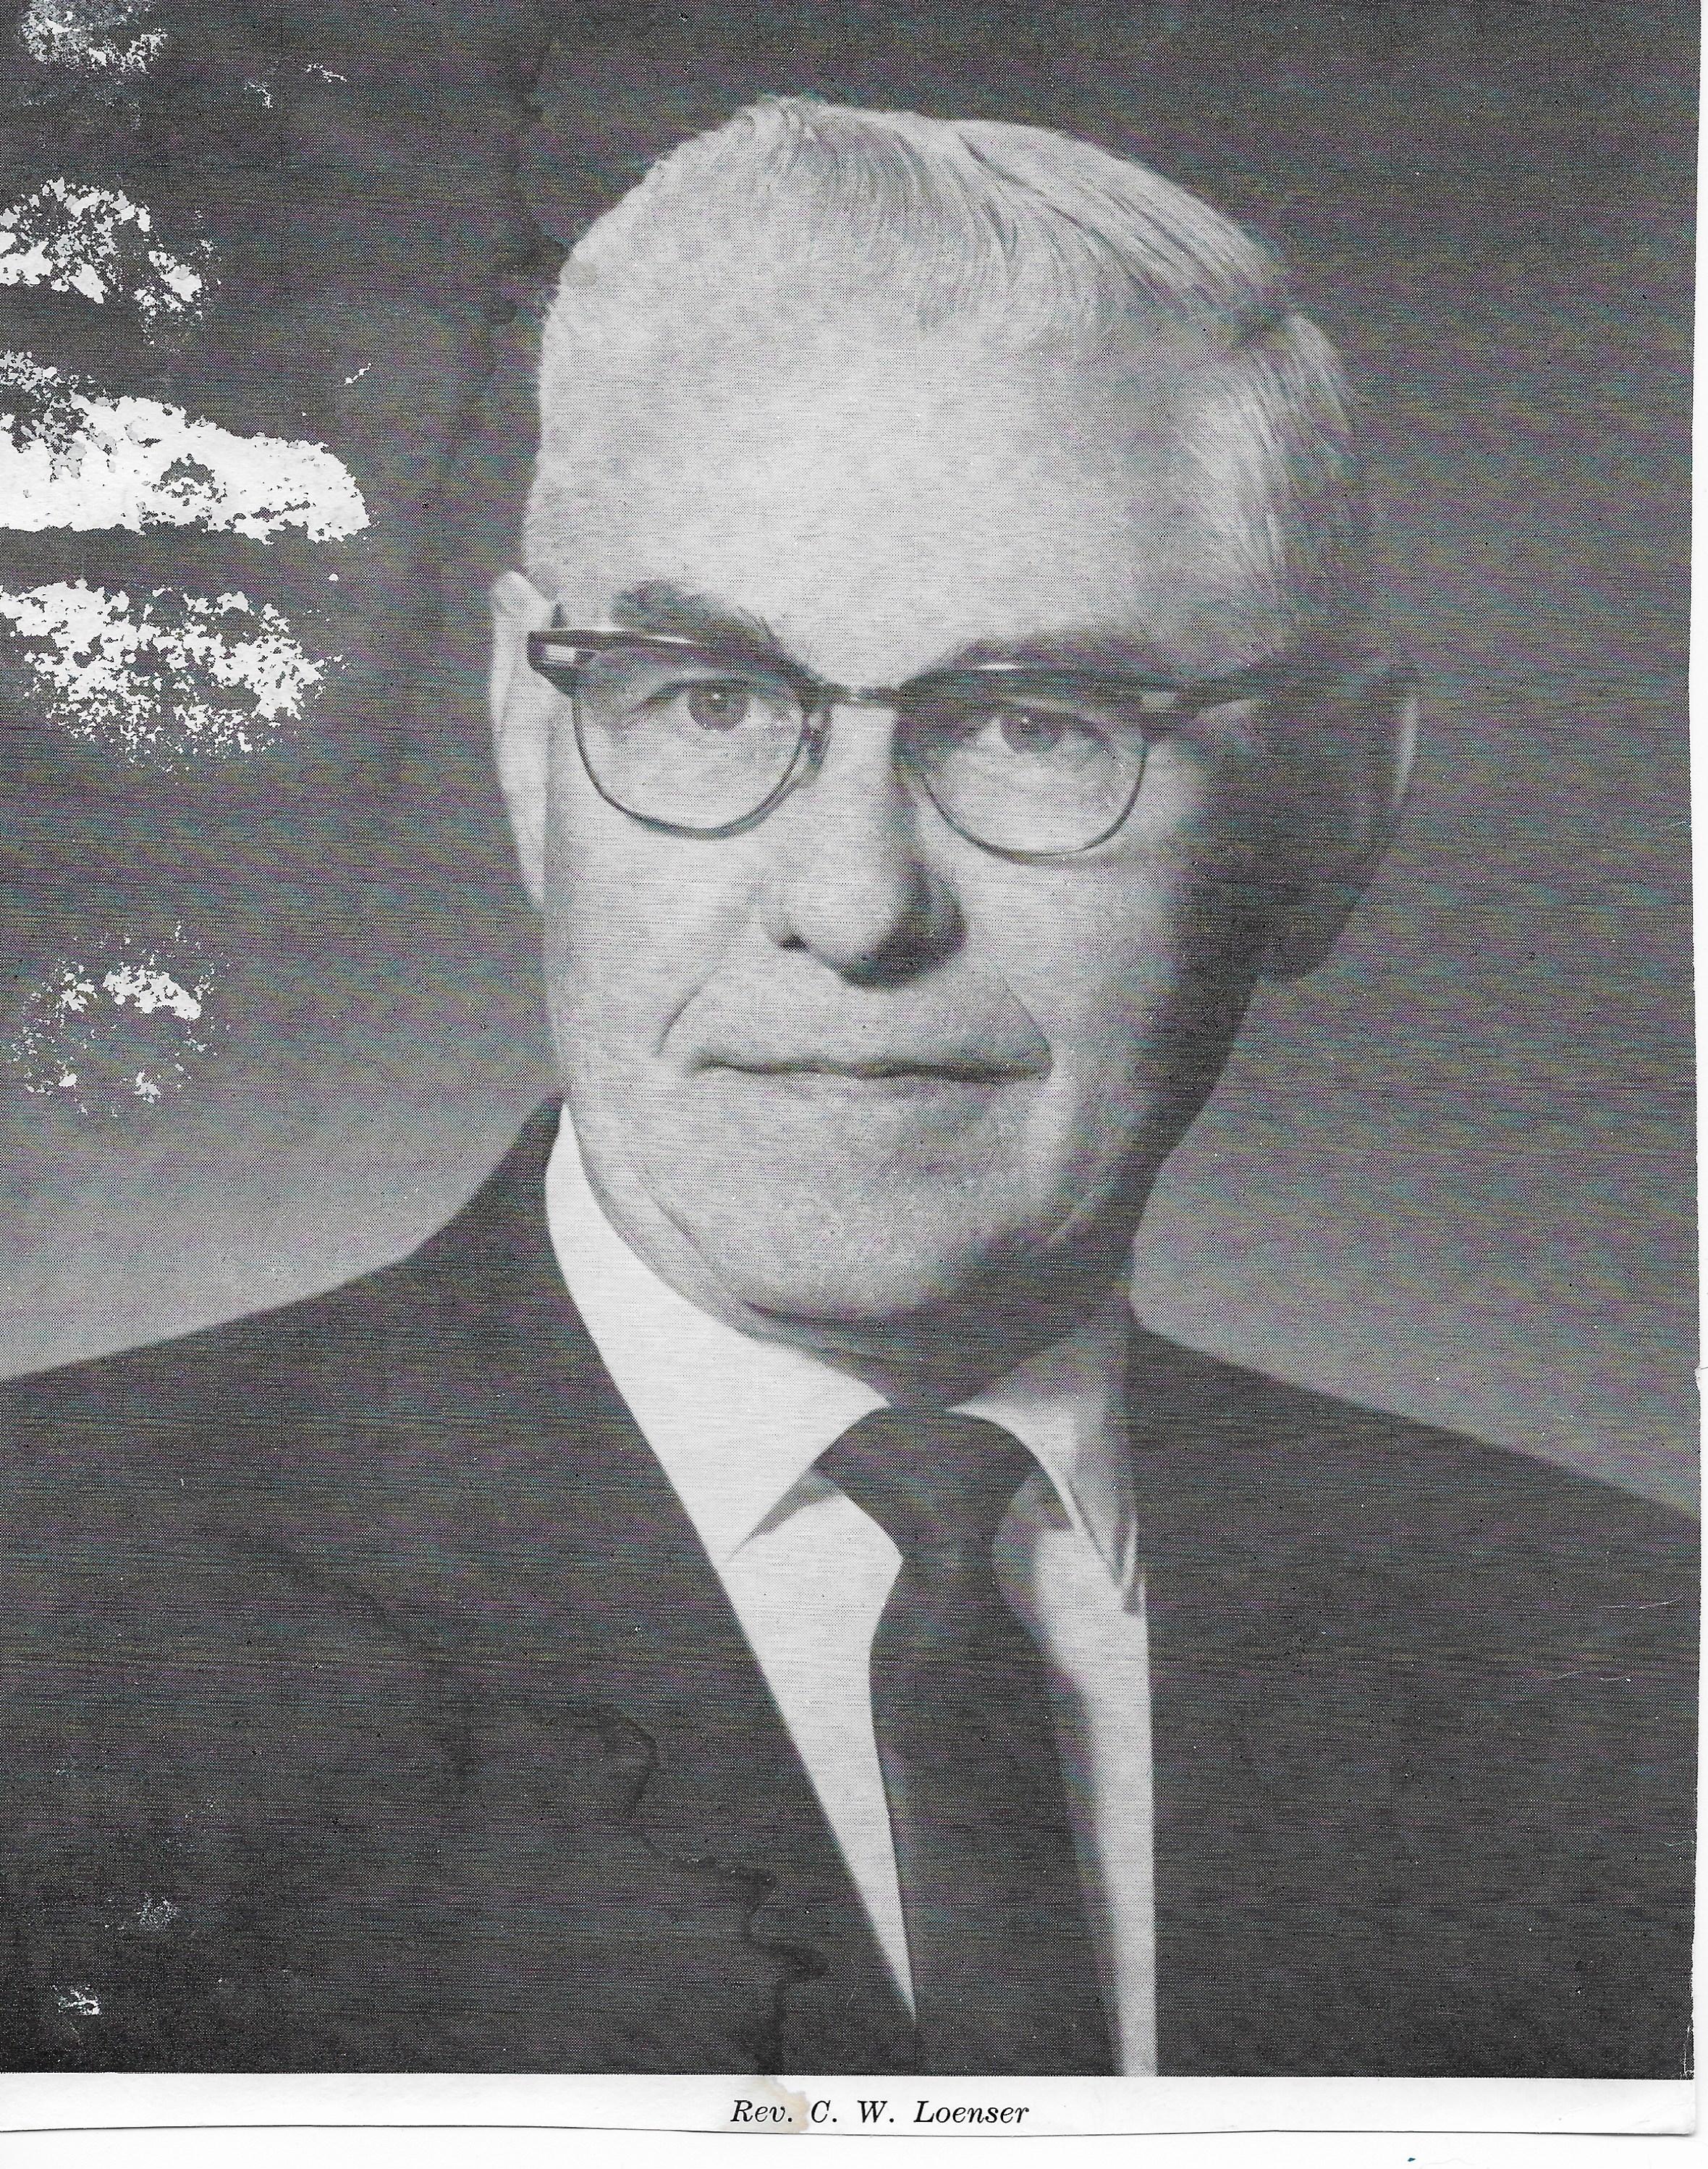 Rev. C.W. Loenser